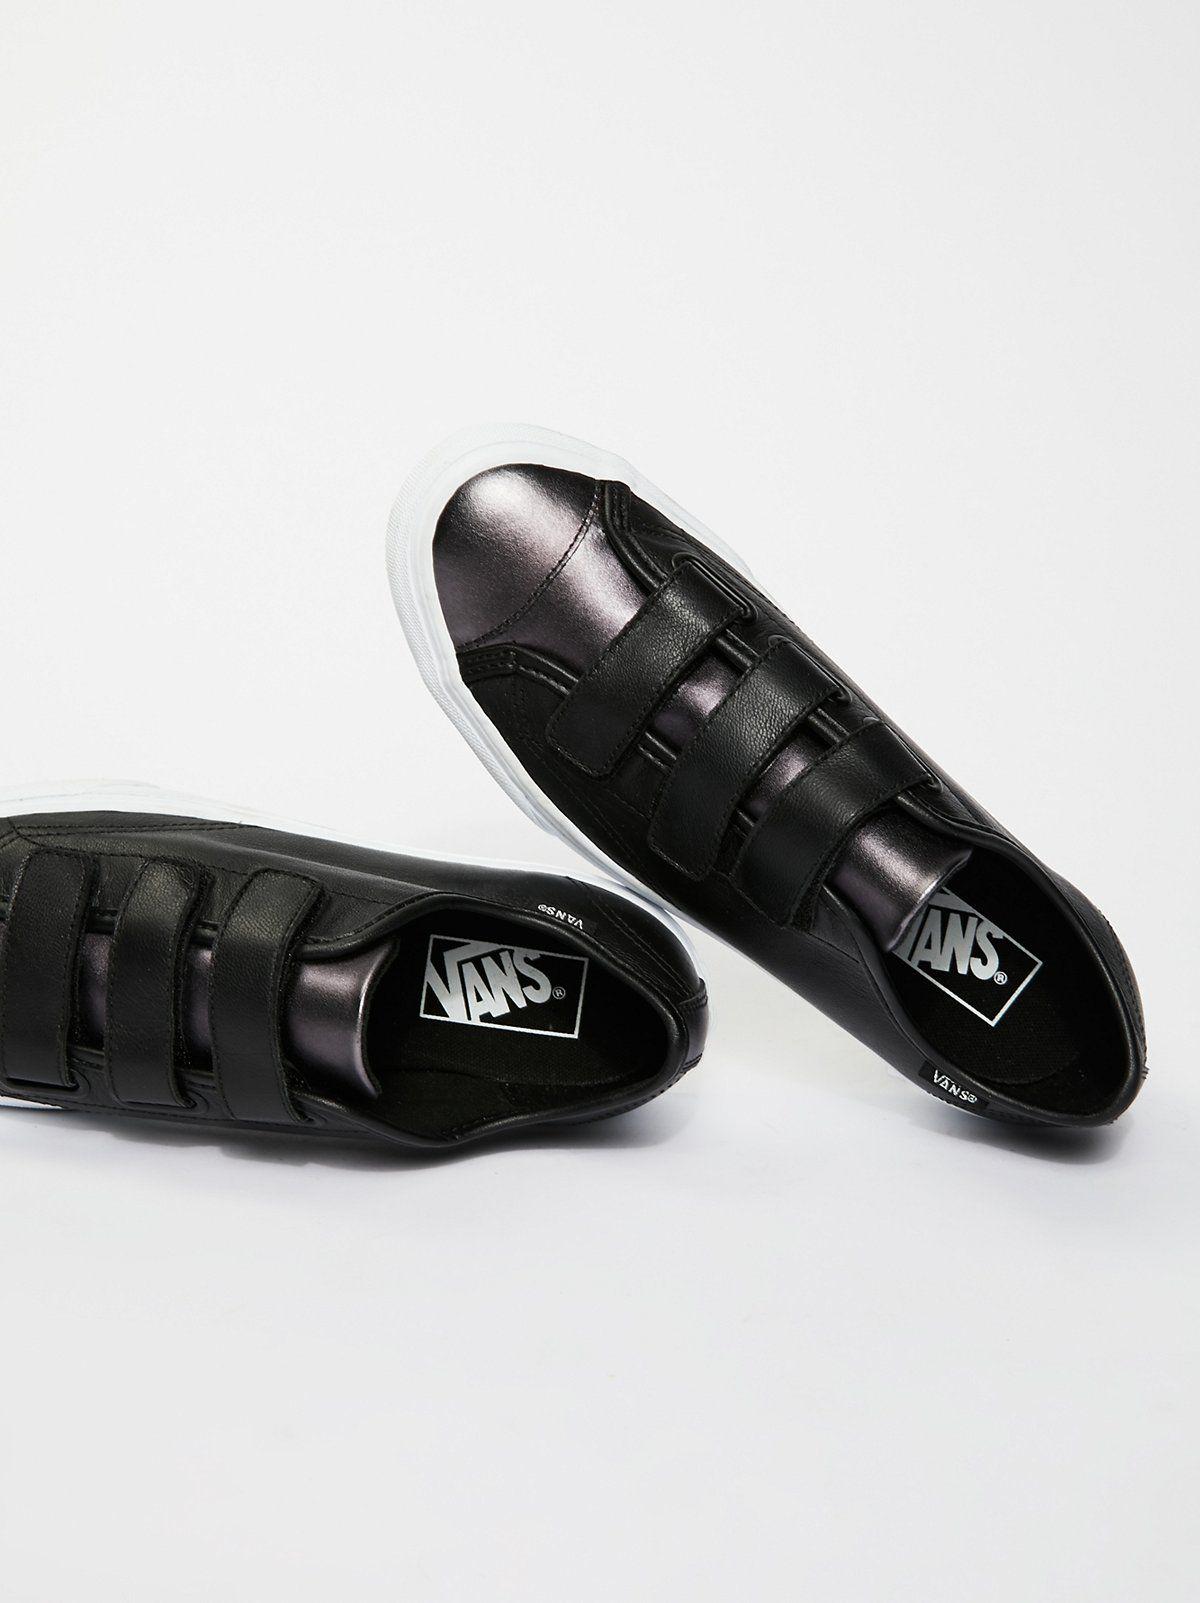 Prison Issue Sneaker  388b1576c